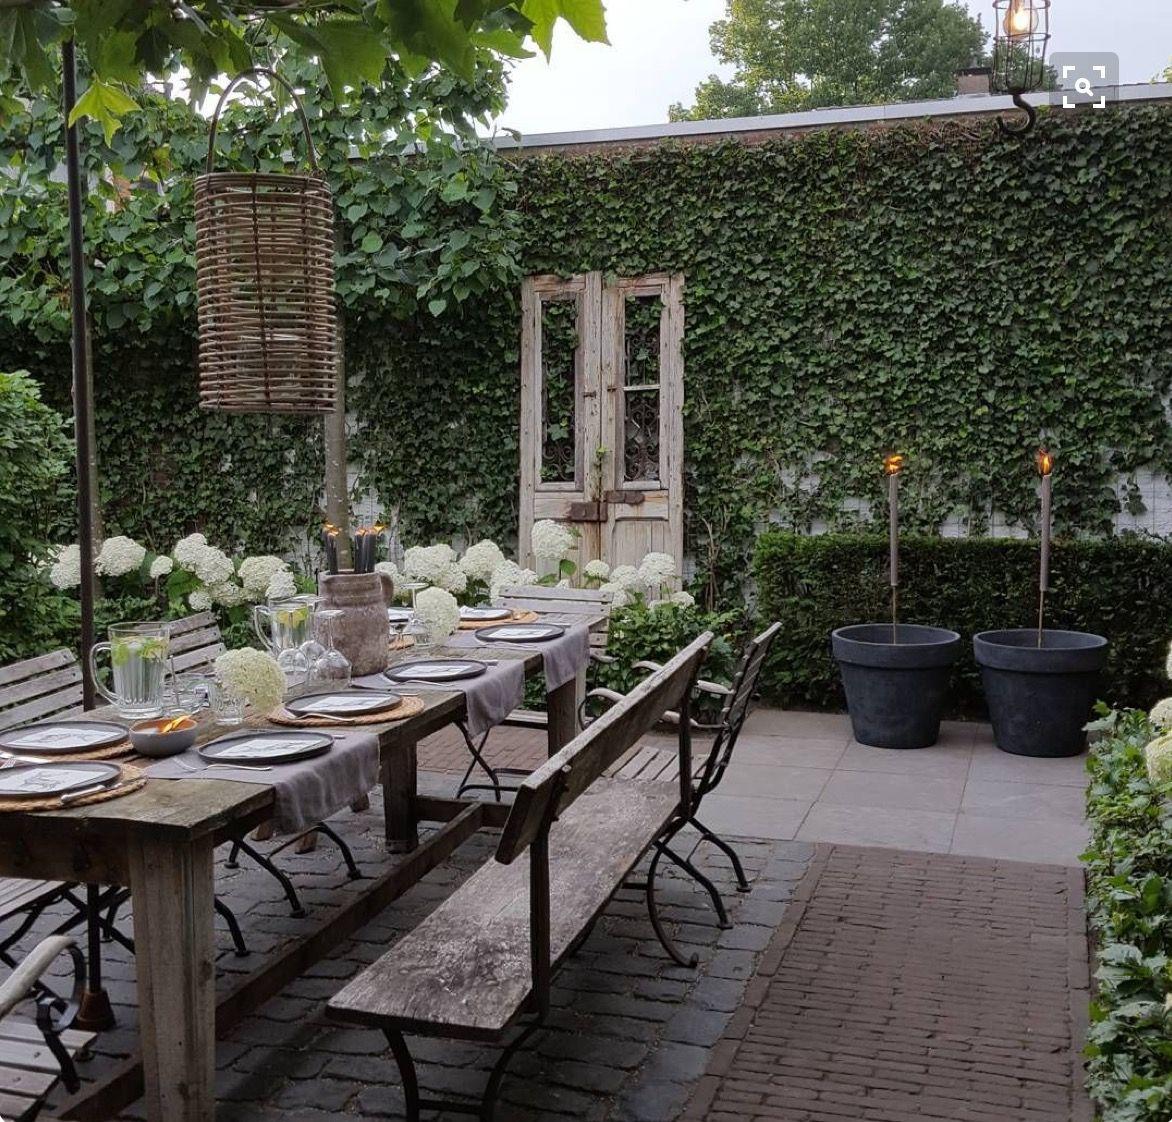 Garten Terrasse: Pin By Elmien Orchard On Garden